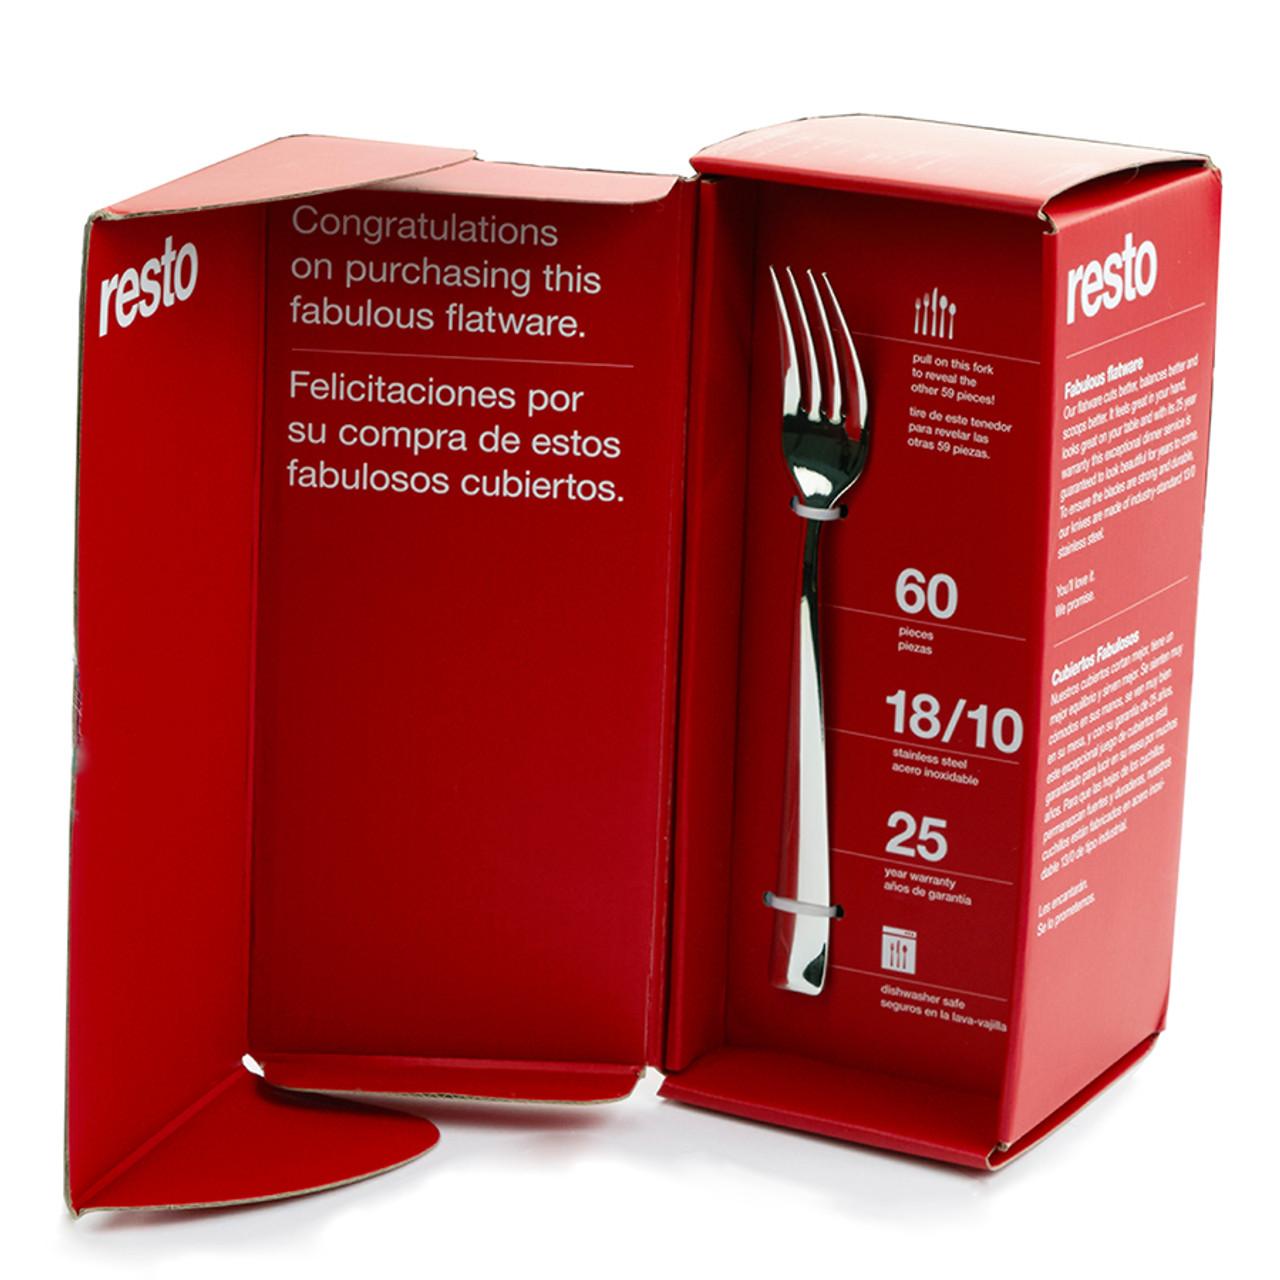 Resto flatware box